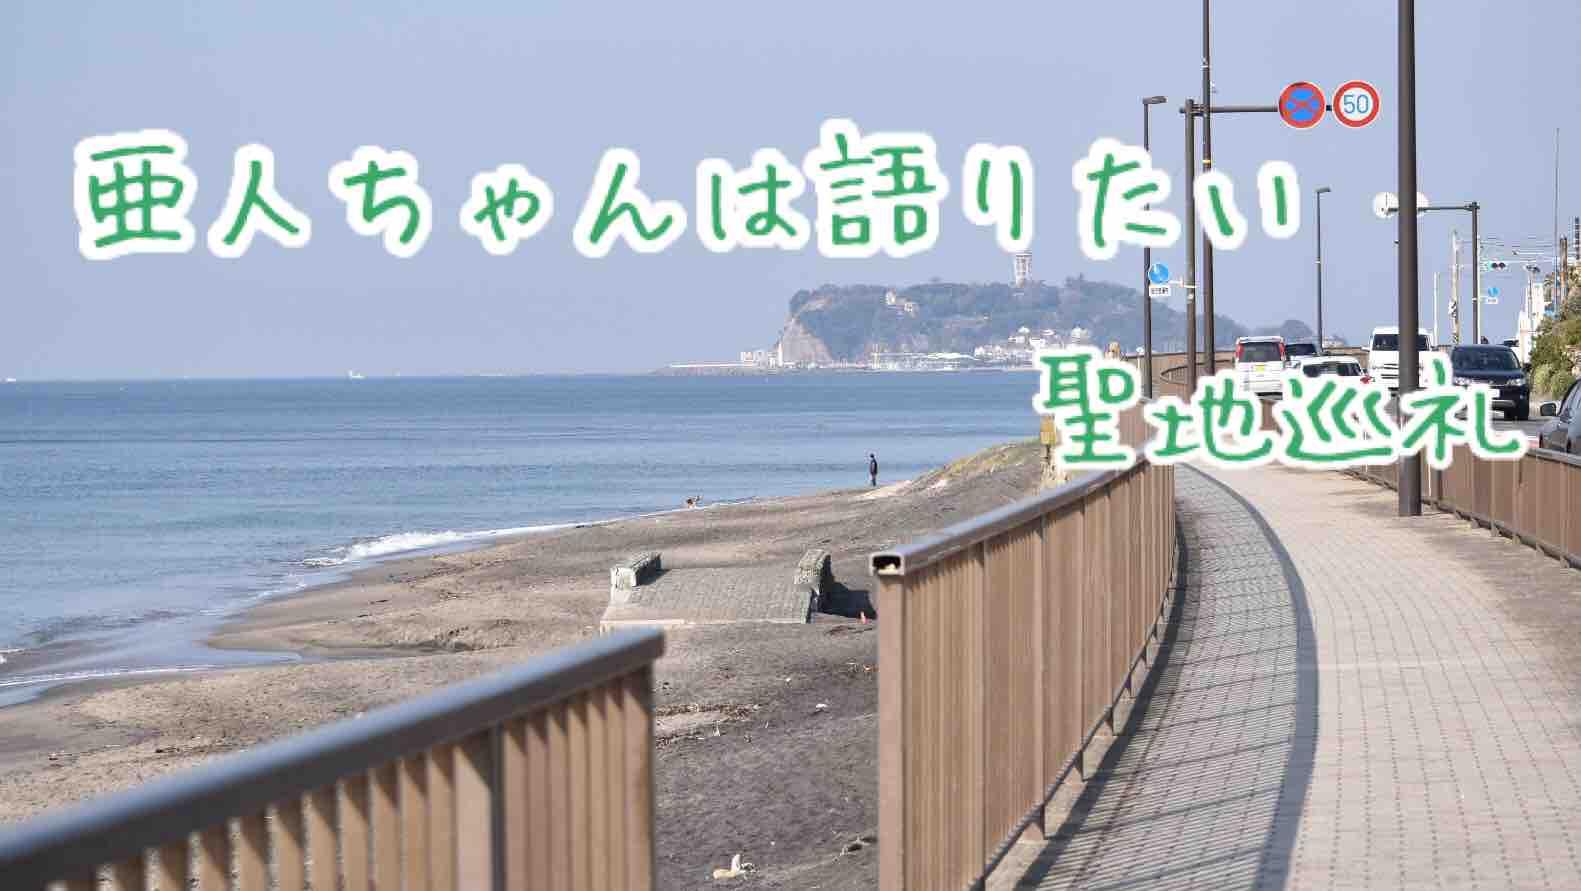 亜人ちゃんの聖地である稲村ヶ崎